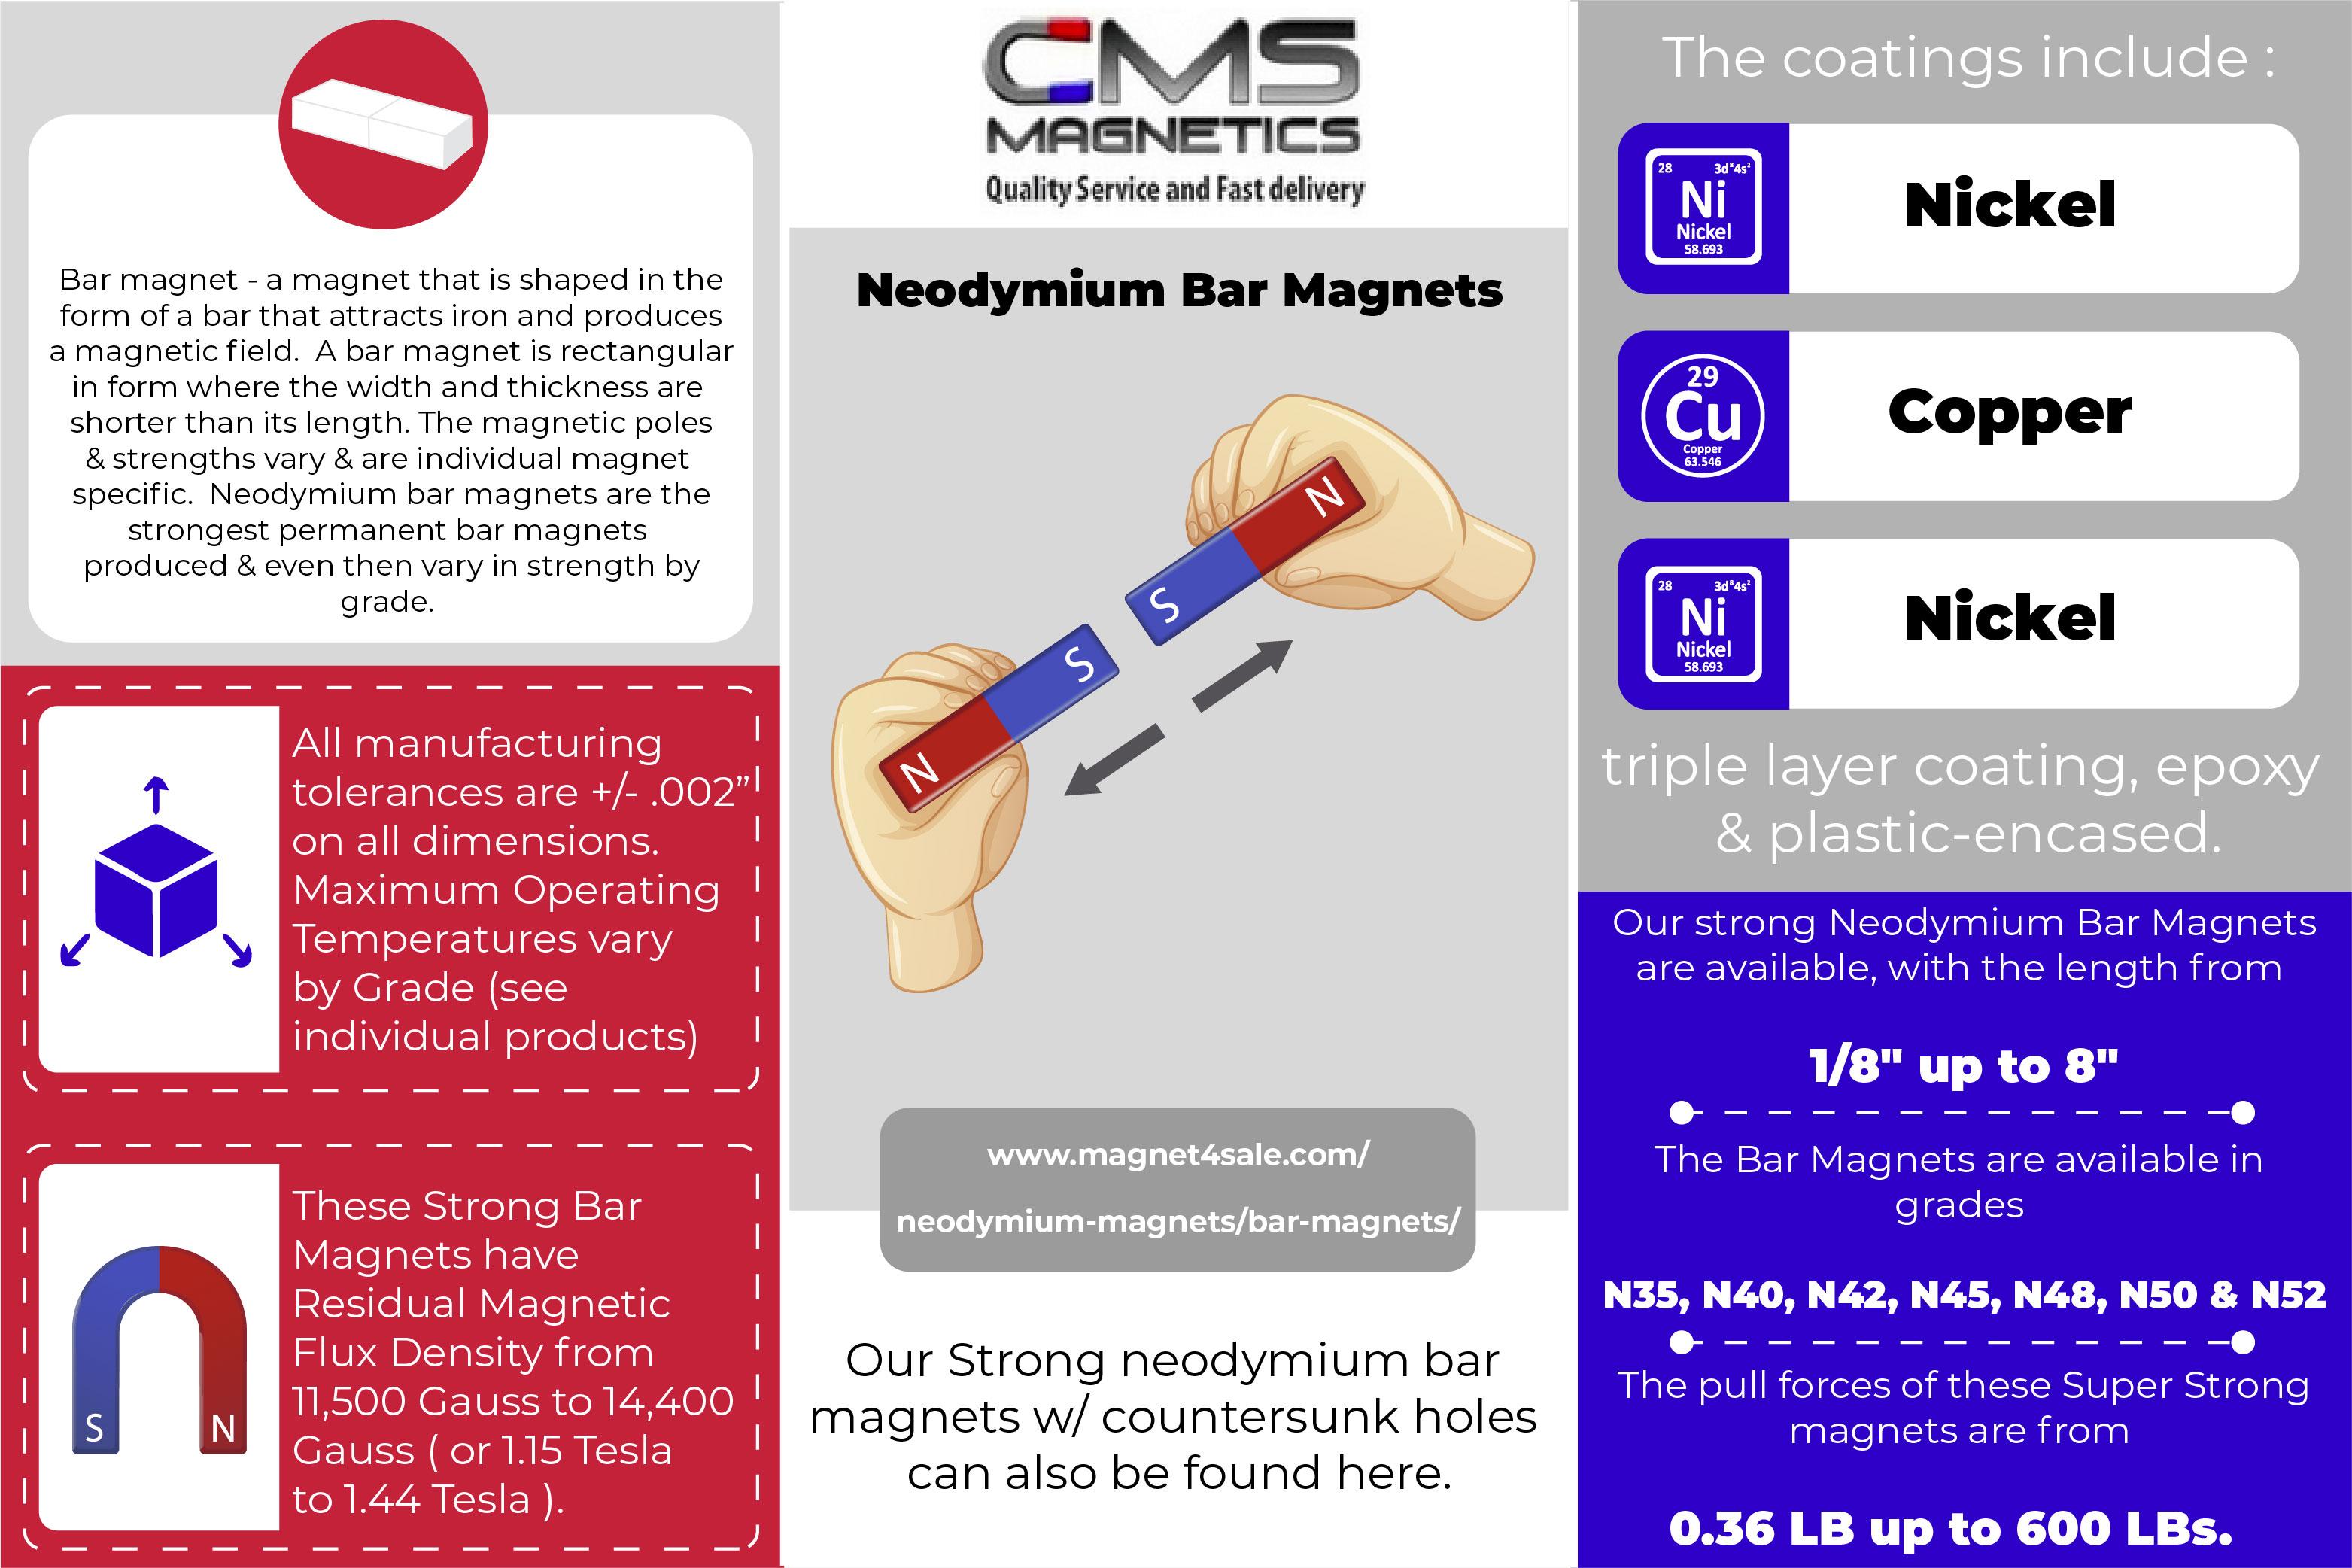 Neodymium Bar Magnets (infographic)